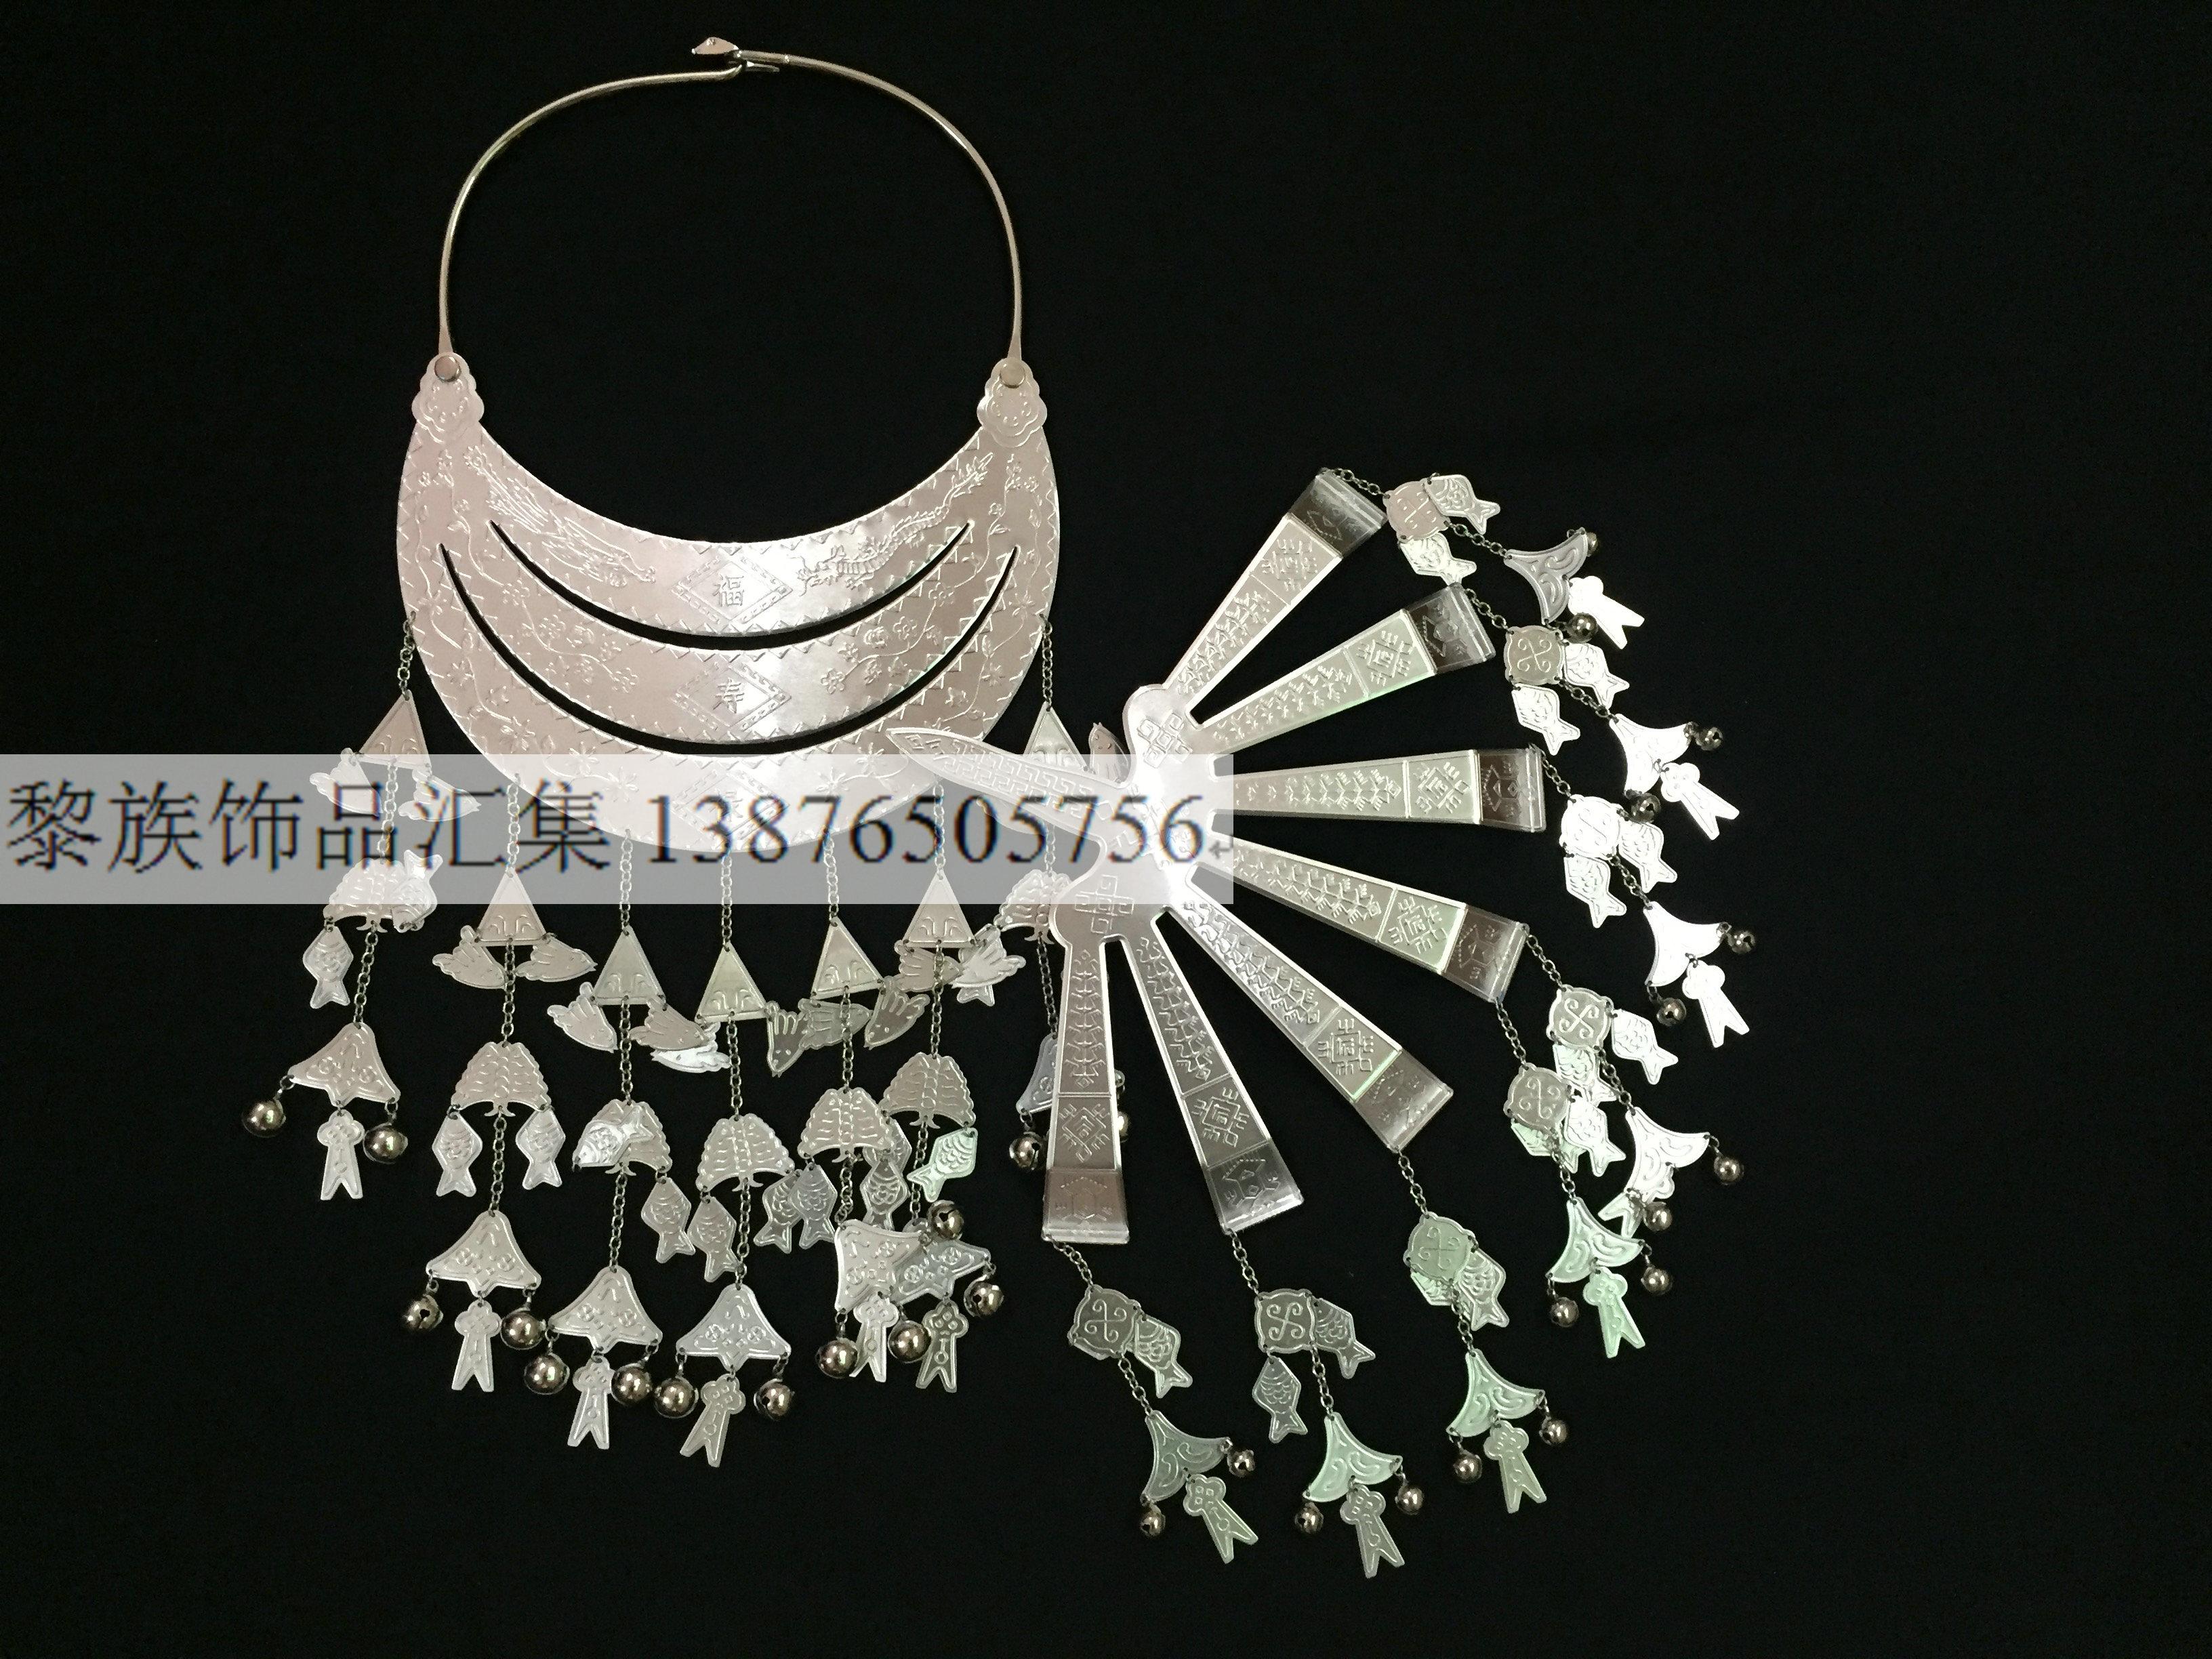 Хайнань специальности Ли алюминий Аксессуары для волос для волос свадебное Аксессуары для волос Li национальный головной убор